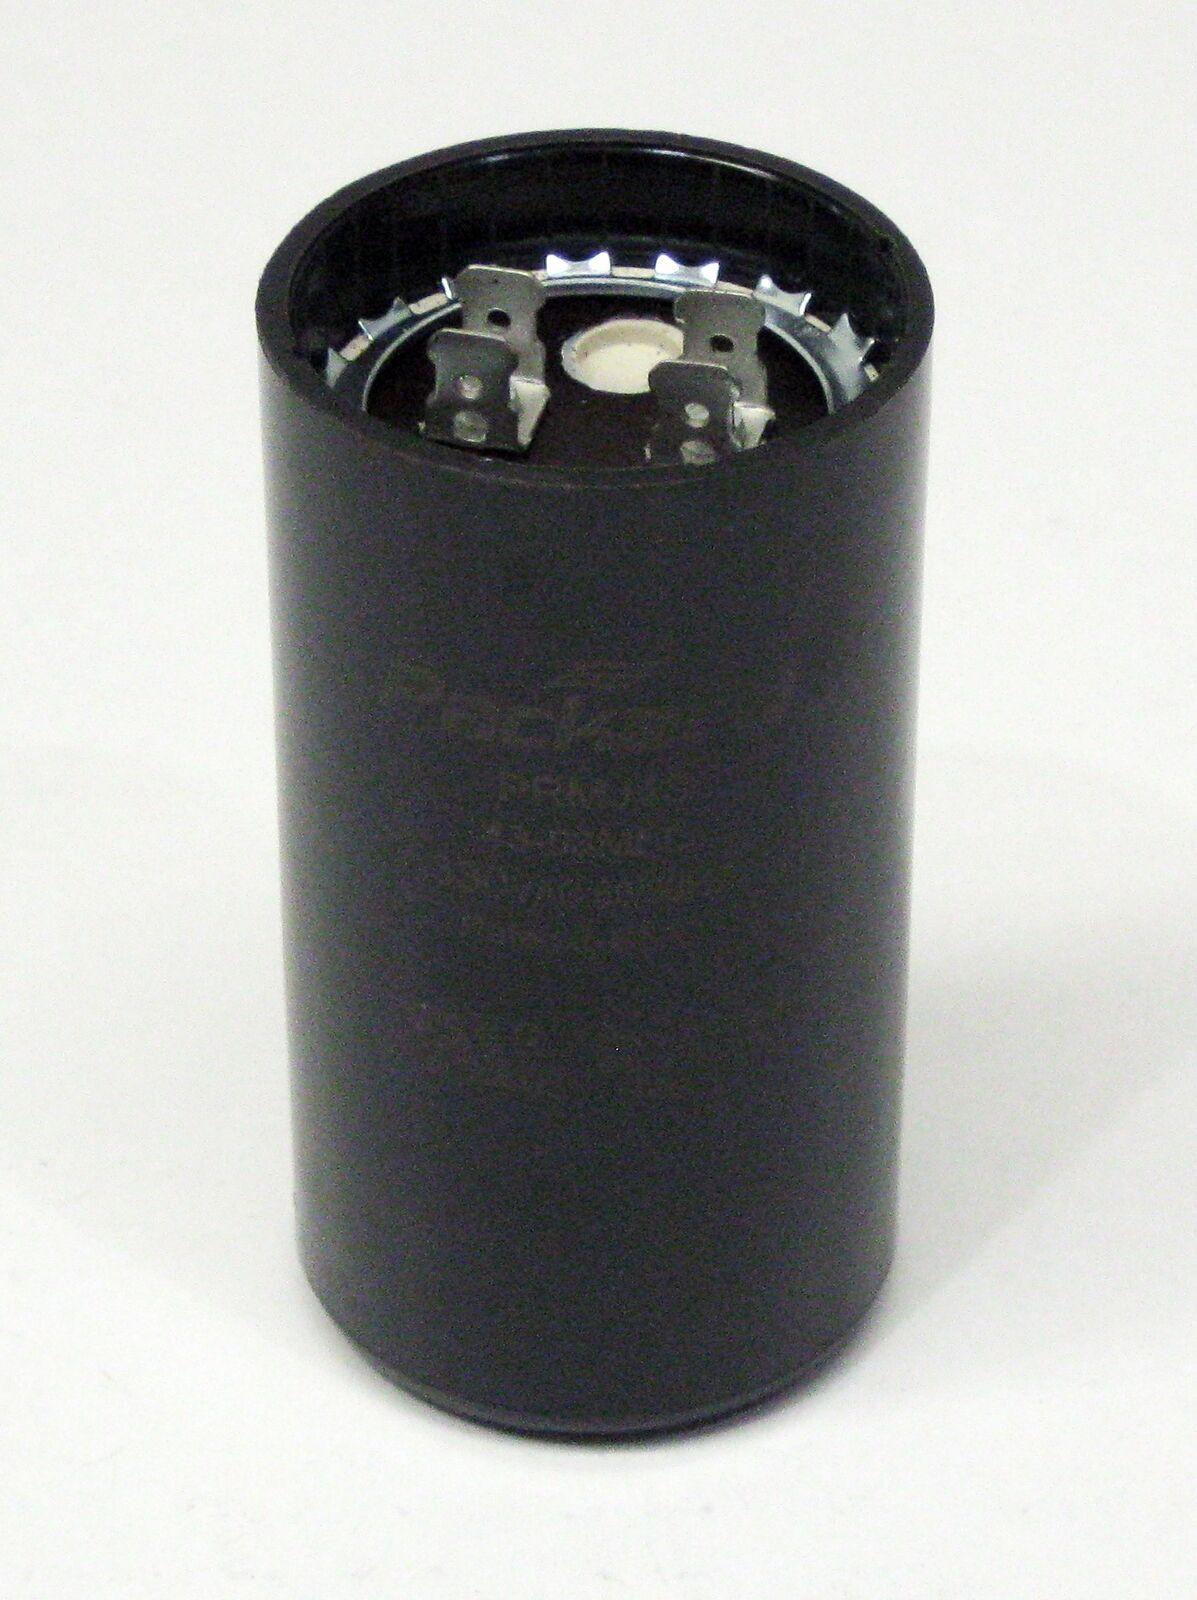 PRMJ43 Packard Motor Start Capacitor 43-53 MFD 330 Volt VAC